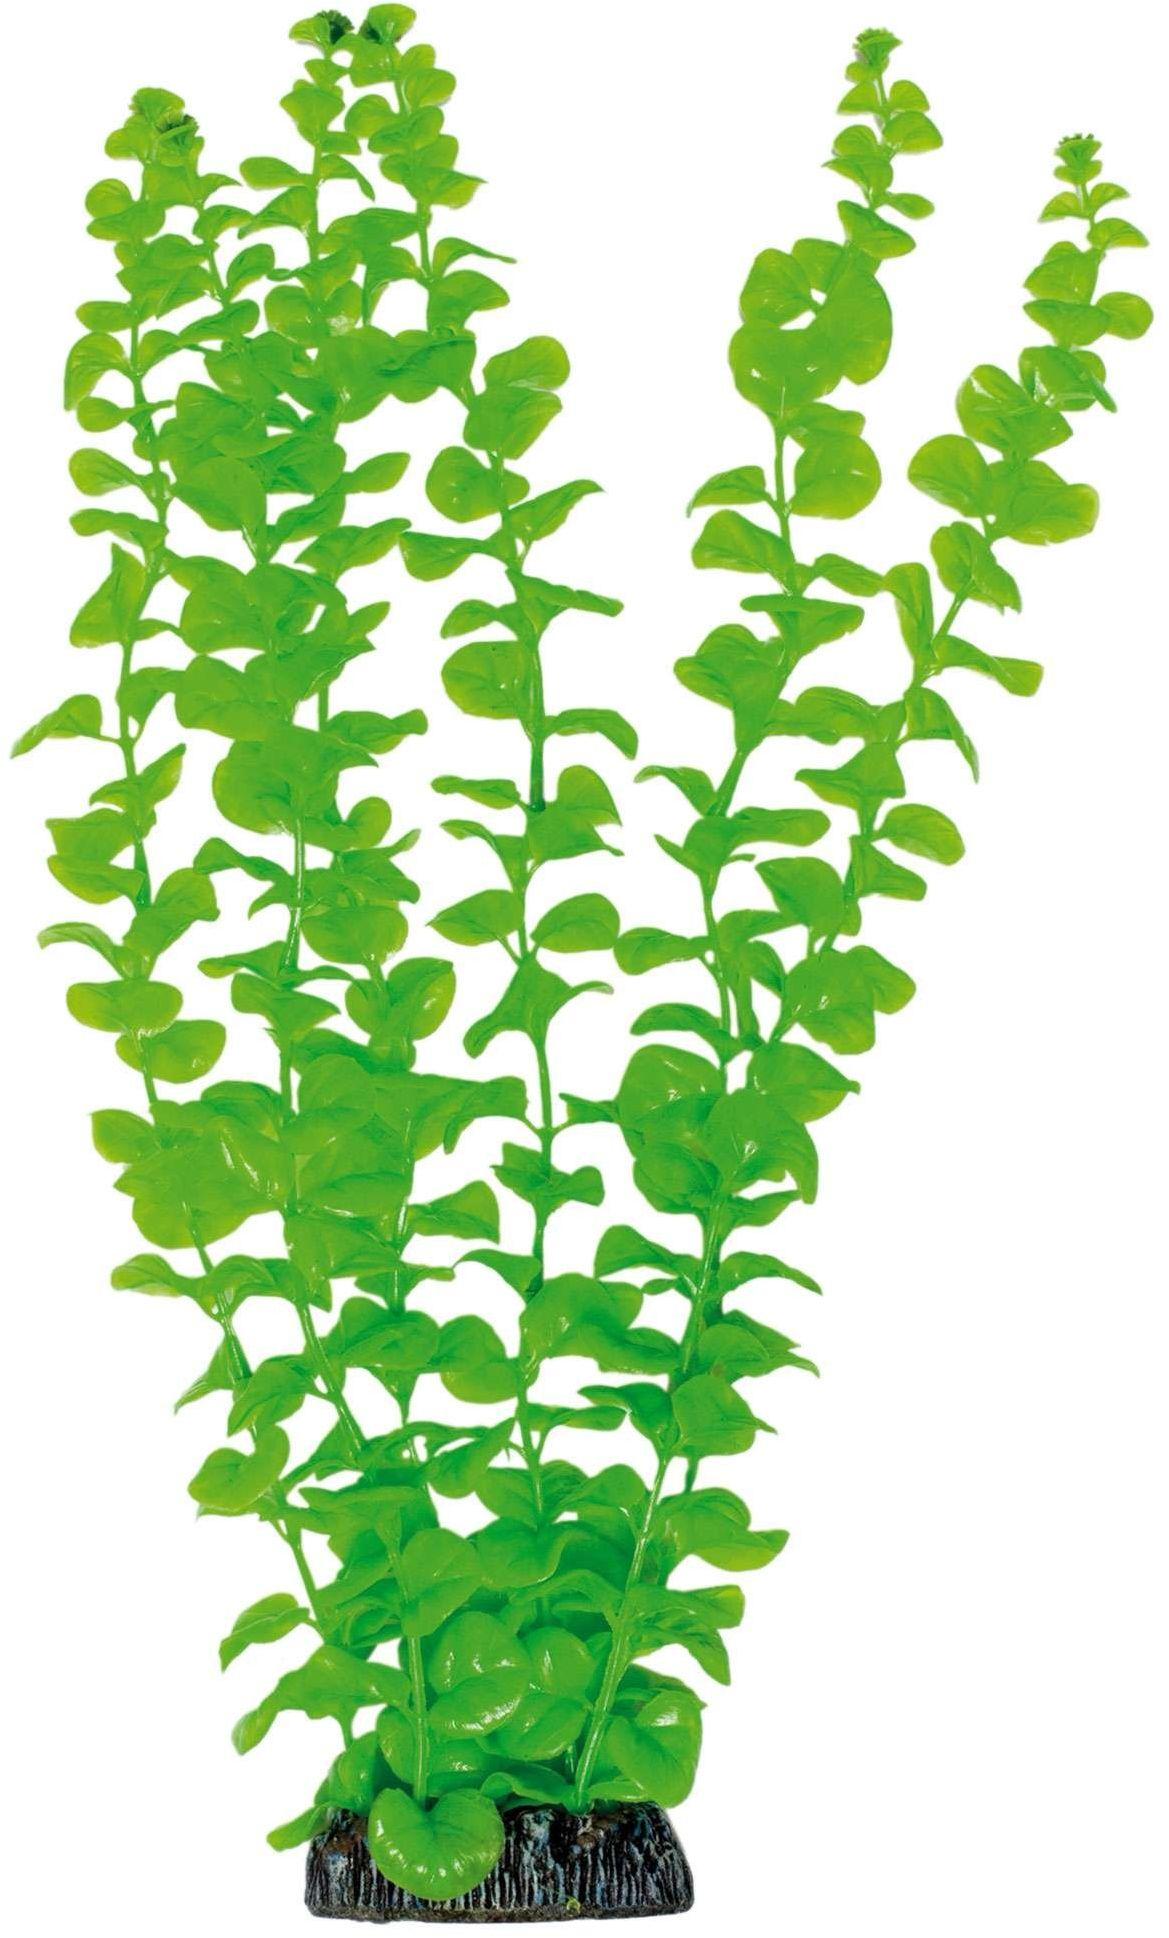 ICA AP1011 Bacopa dla roślin wodnych, tworzywo sztuczne